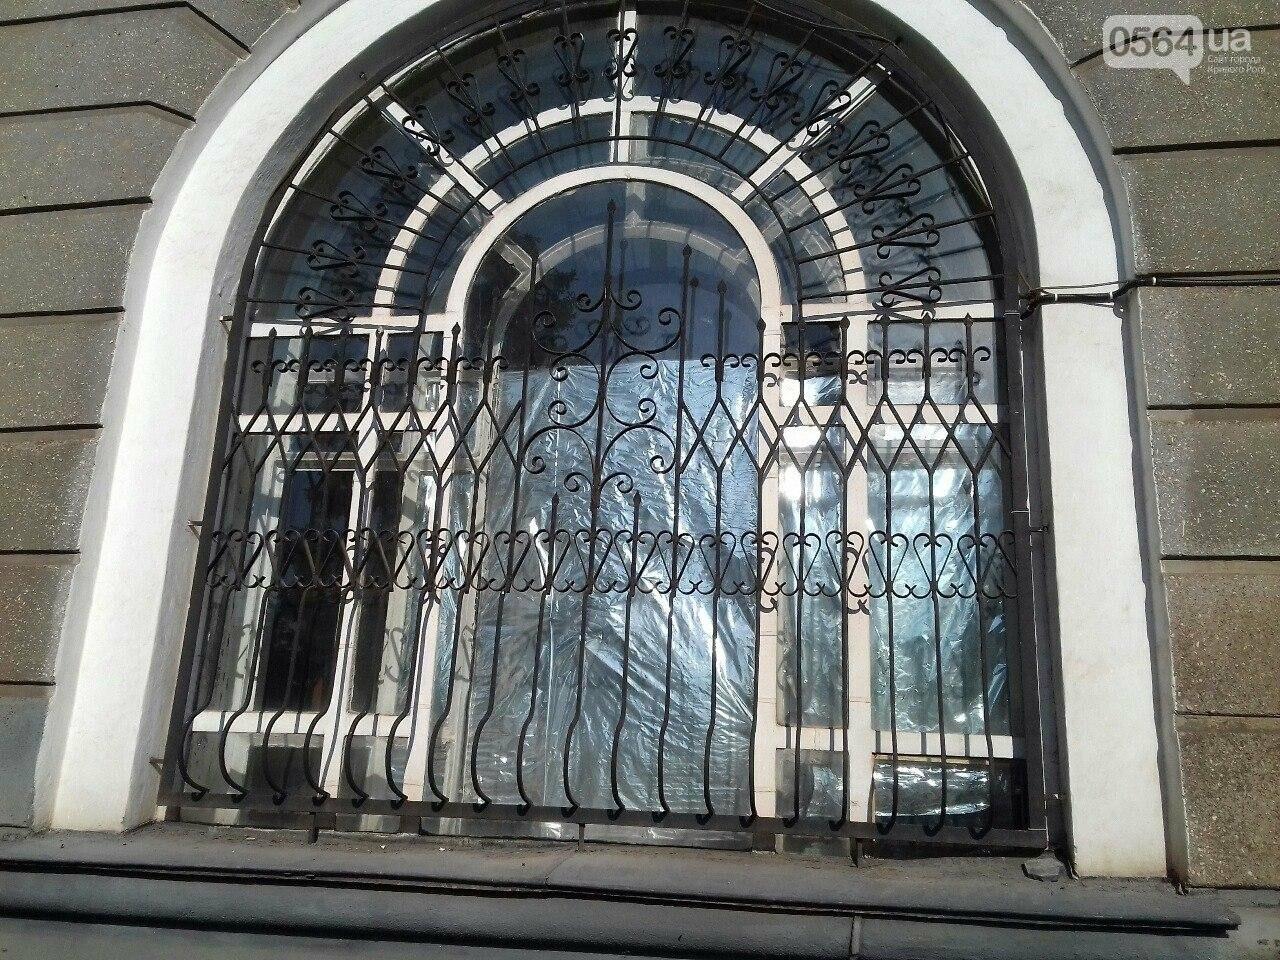 """Первый лифт, дом профессуры и французский """"след"""" на Почтовом , - в Кривом Роге прошла увлекательная экскурсия, - ФОТО, ВИДЕО, фото-18"""